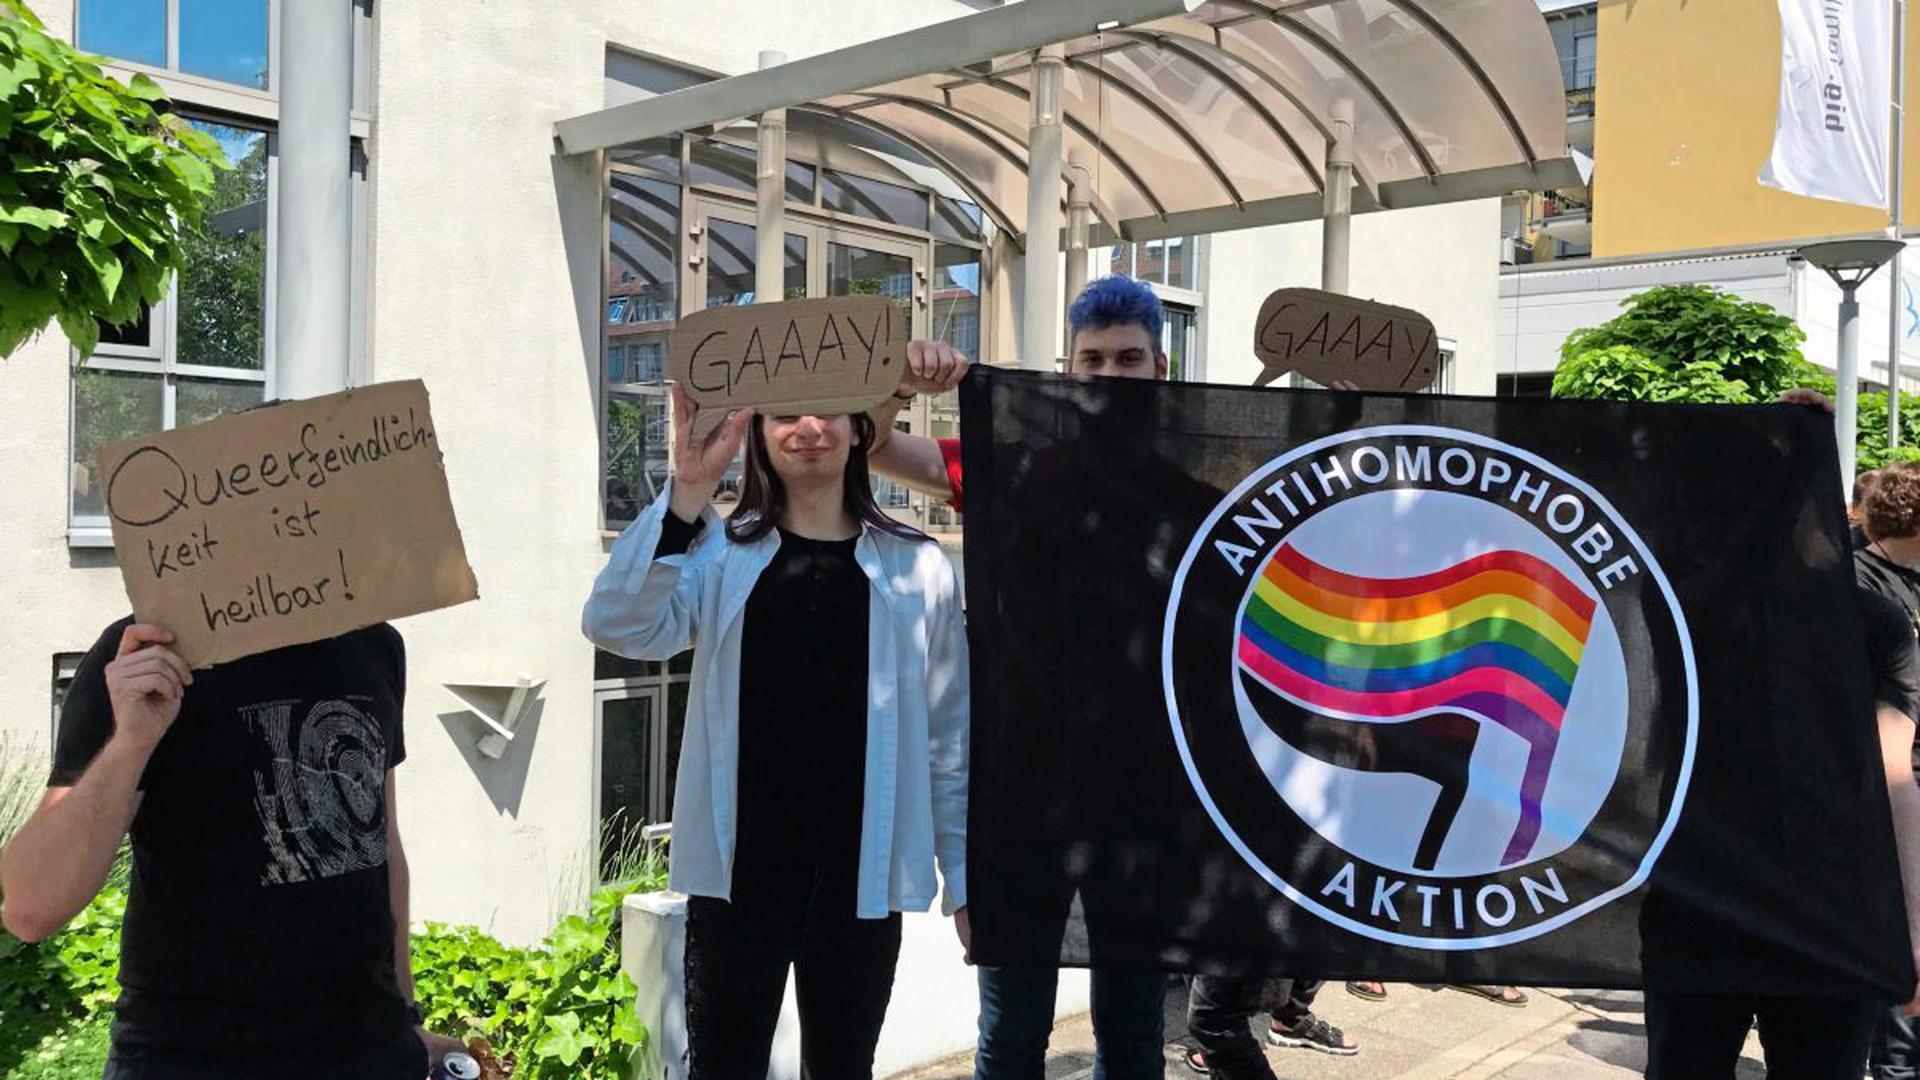 Nach den homophoben Äußerungen gab es am Freitag eine Spontandemonstration vor der b.i.g.-Zentrale in Karlsruhe.